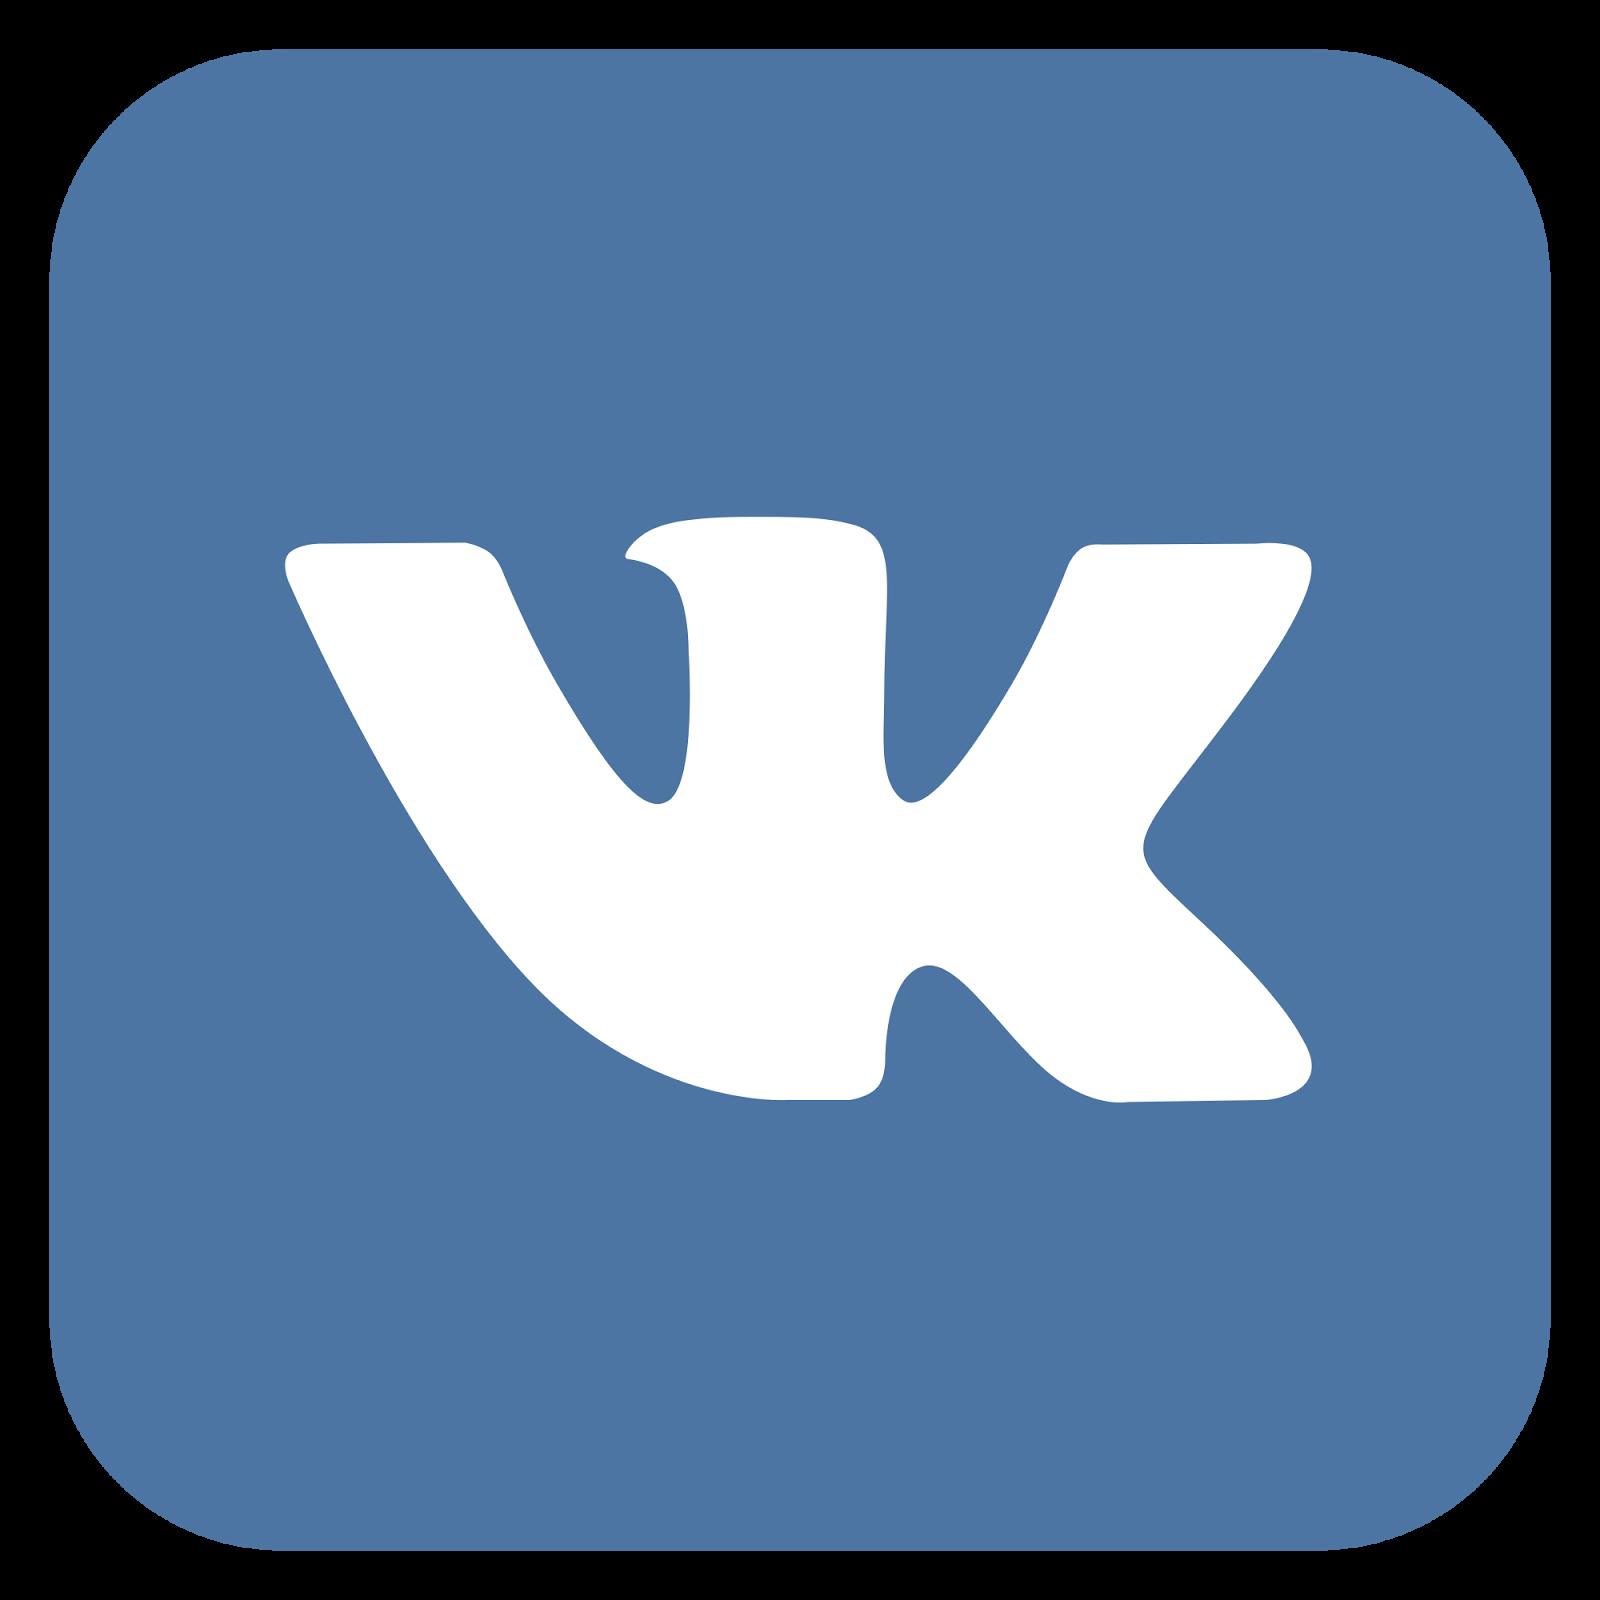 comprar seguidores vk